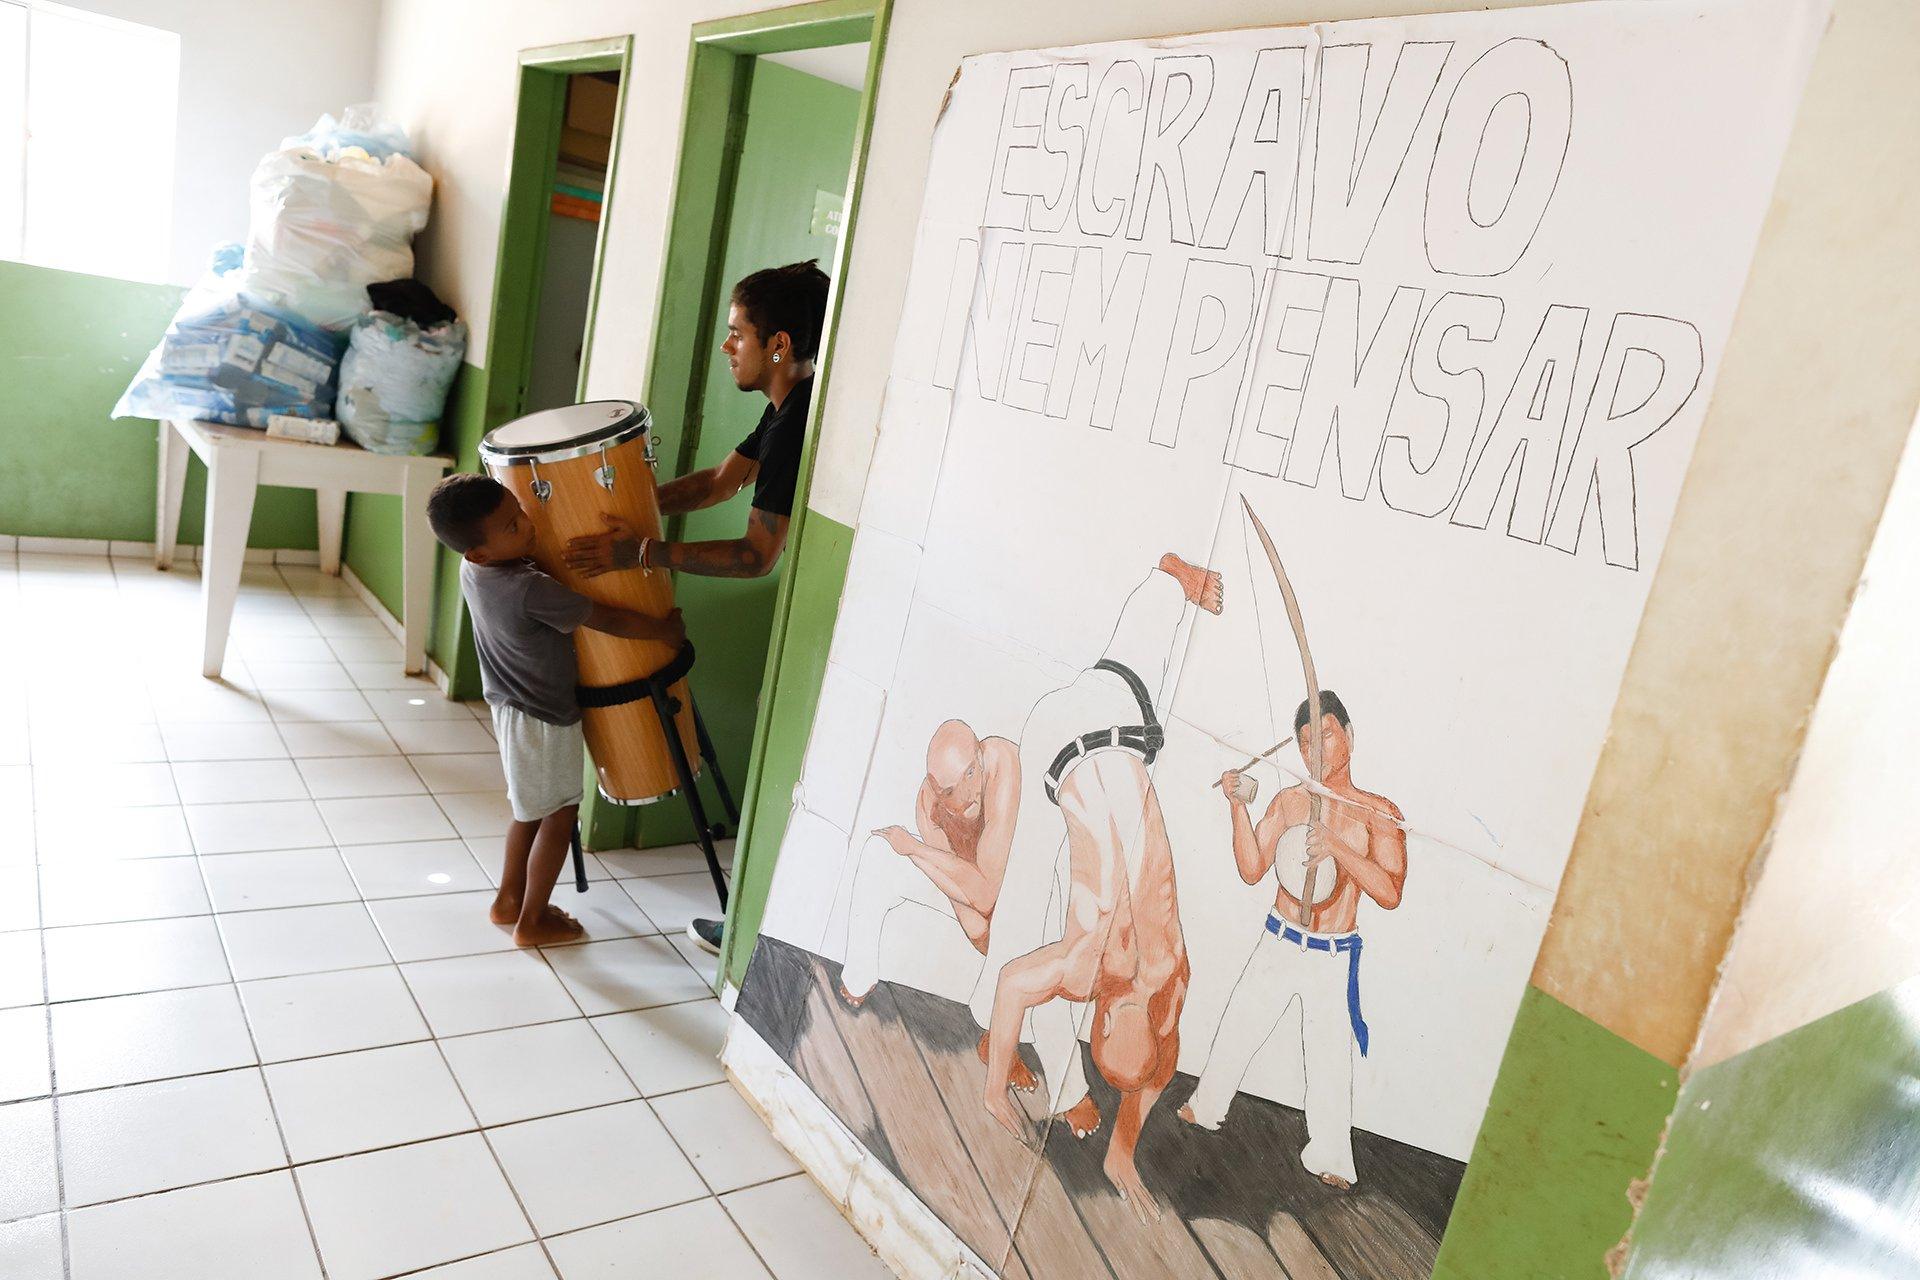 Referência em trabalho social no Maranhão, a organização oferece aulas de capoeira, teatro, costura e reciclagem, além de auxiliar famílias de trabalhadores resgatados